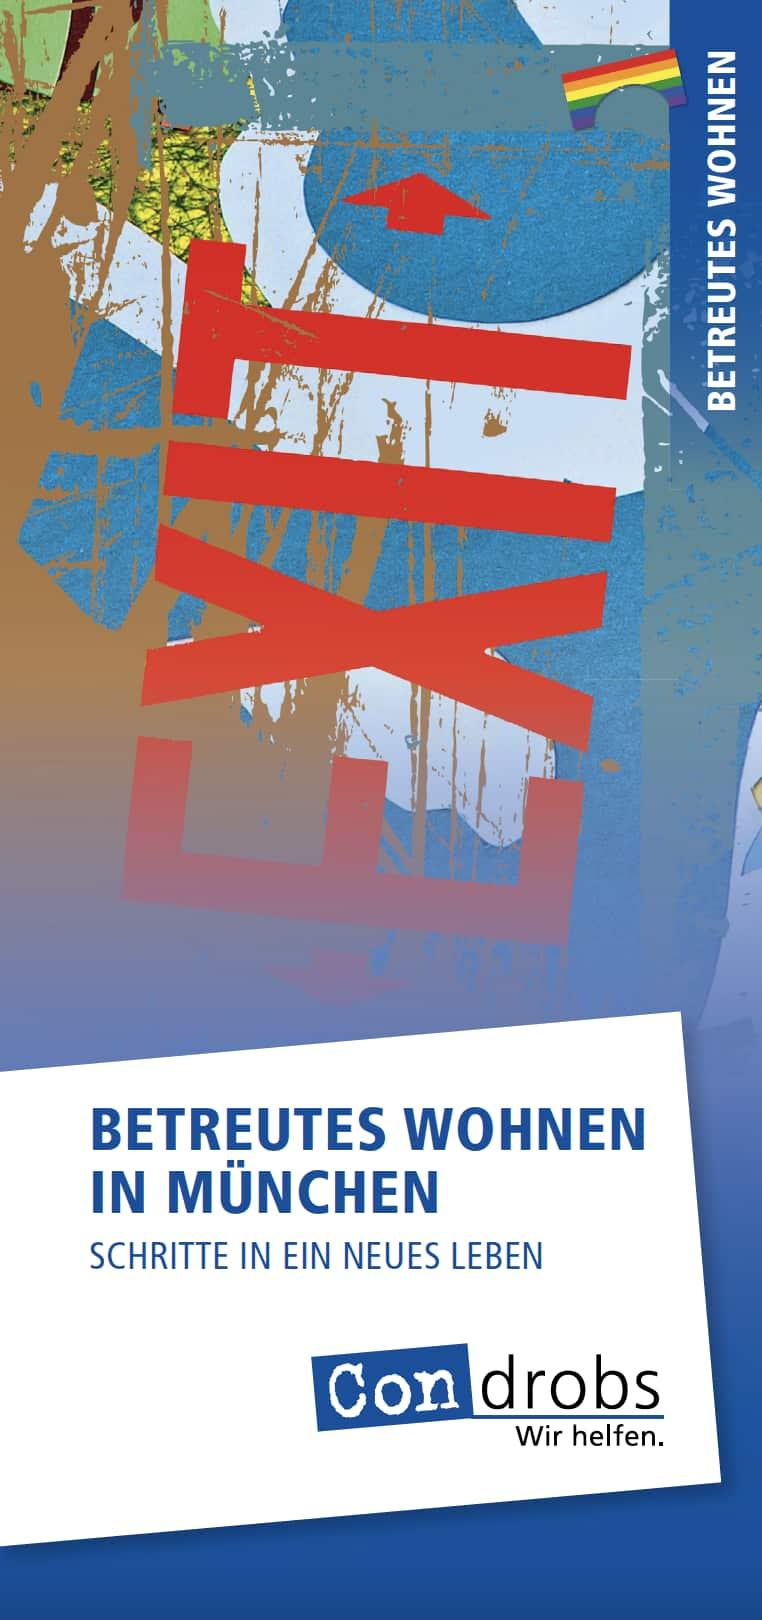 Condrobs-Flyer Fördermitgliedschaft. Eine Person auf einer Brücke und oben rechts eine Regenbogenfahne. Titel: Brücken ins Leben. Mit Ihrer Hilfe